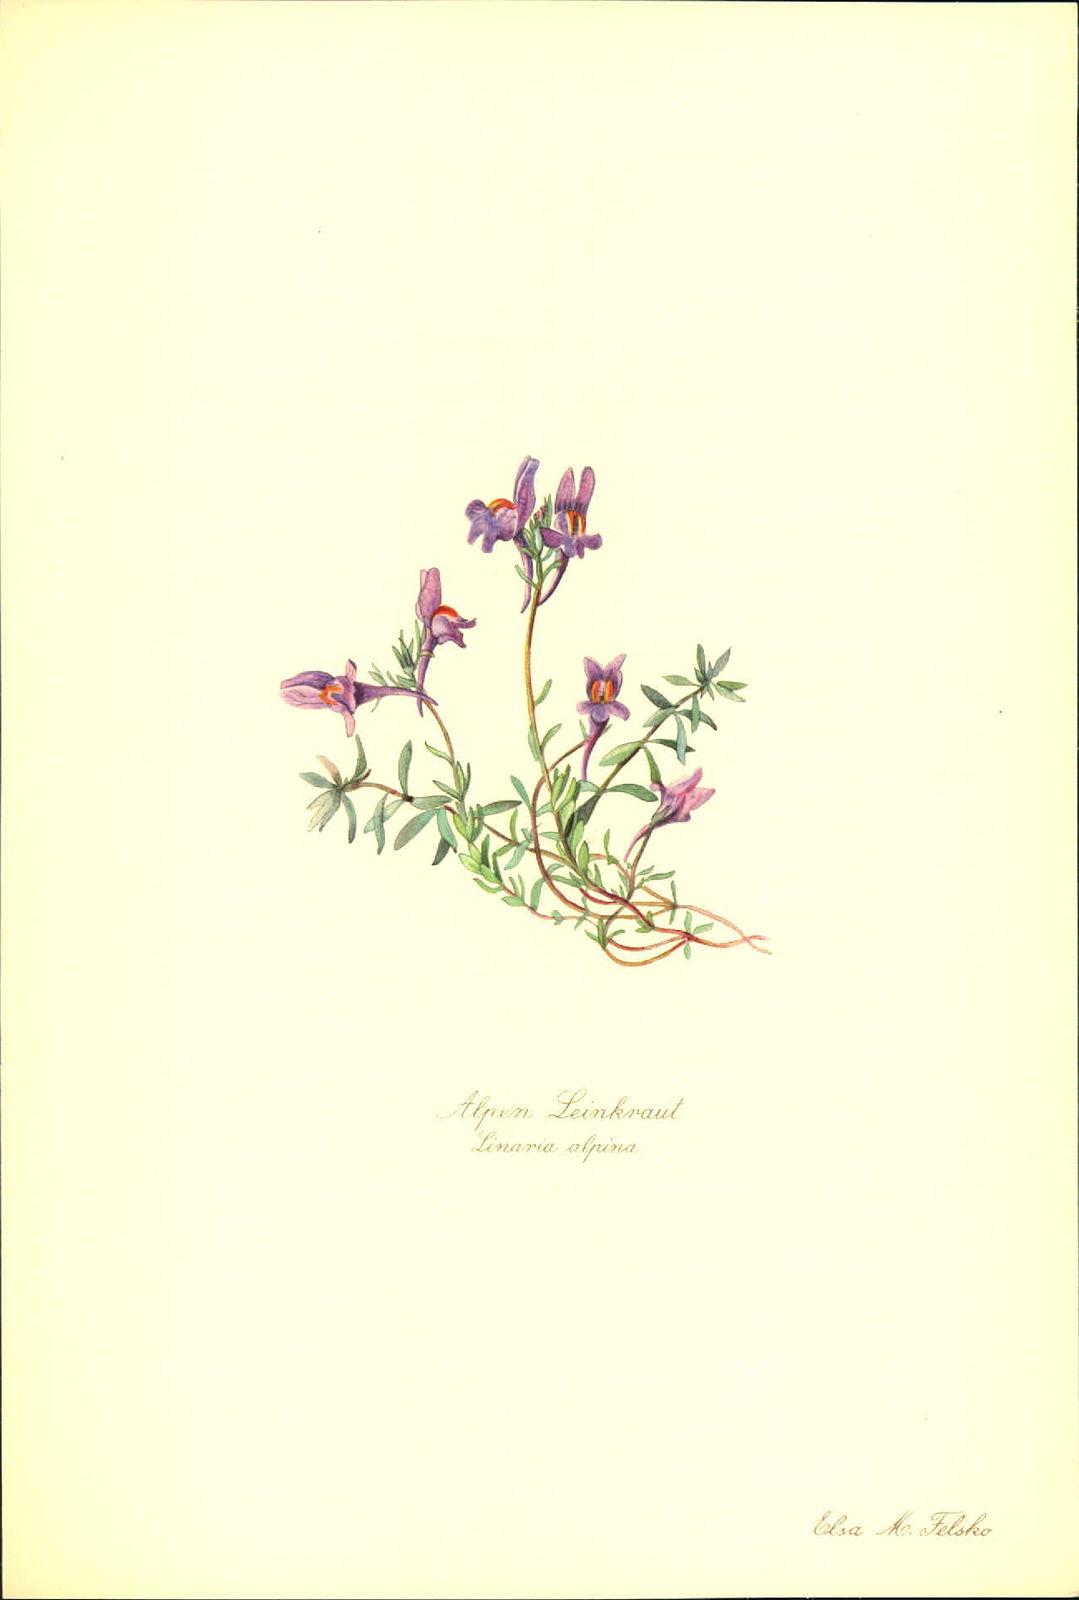 Alpen Leinkraut (Linaria alpina). Kunstdruck nach Aquarell von Elsa M. Felsko. Alpenleinkraut.